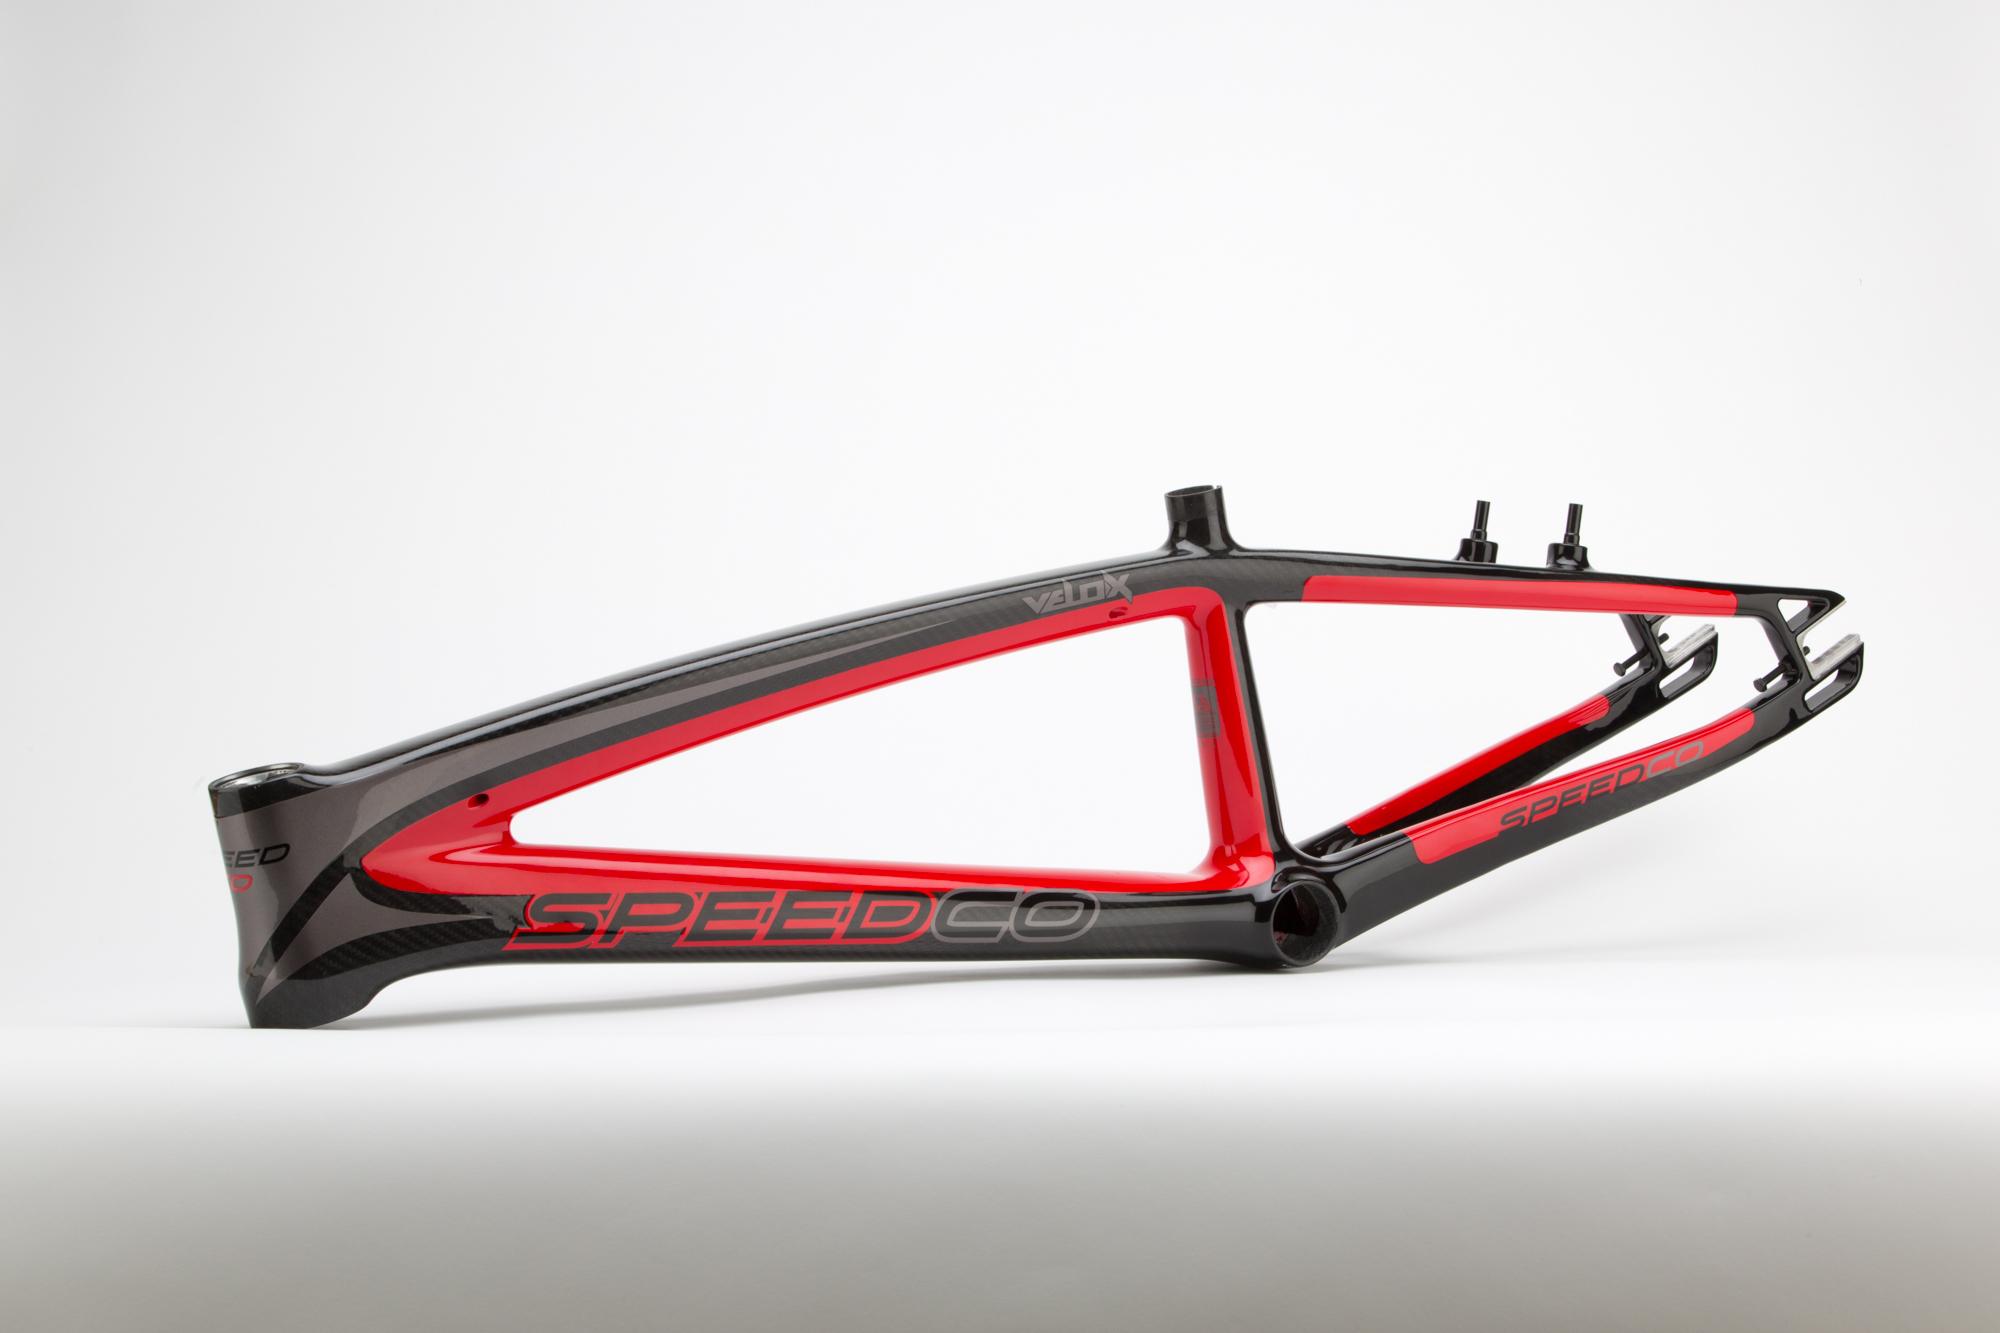 BMX SPEEDCO RACE RAHMEN / FRAMES